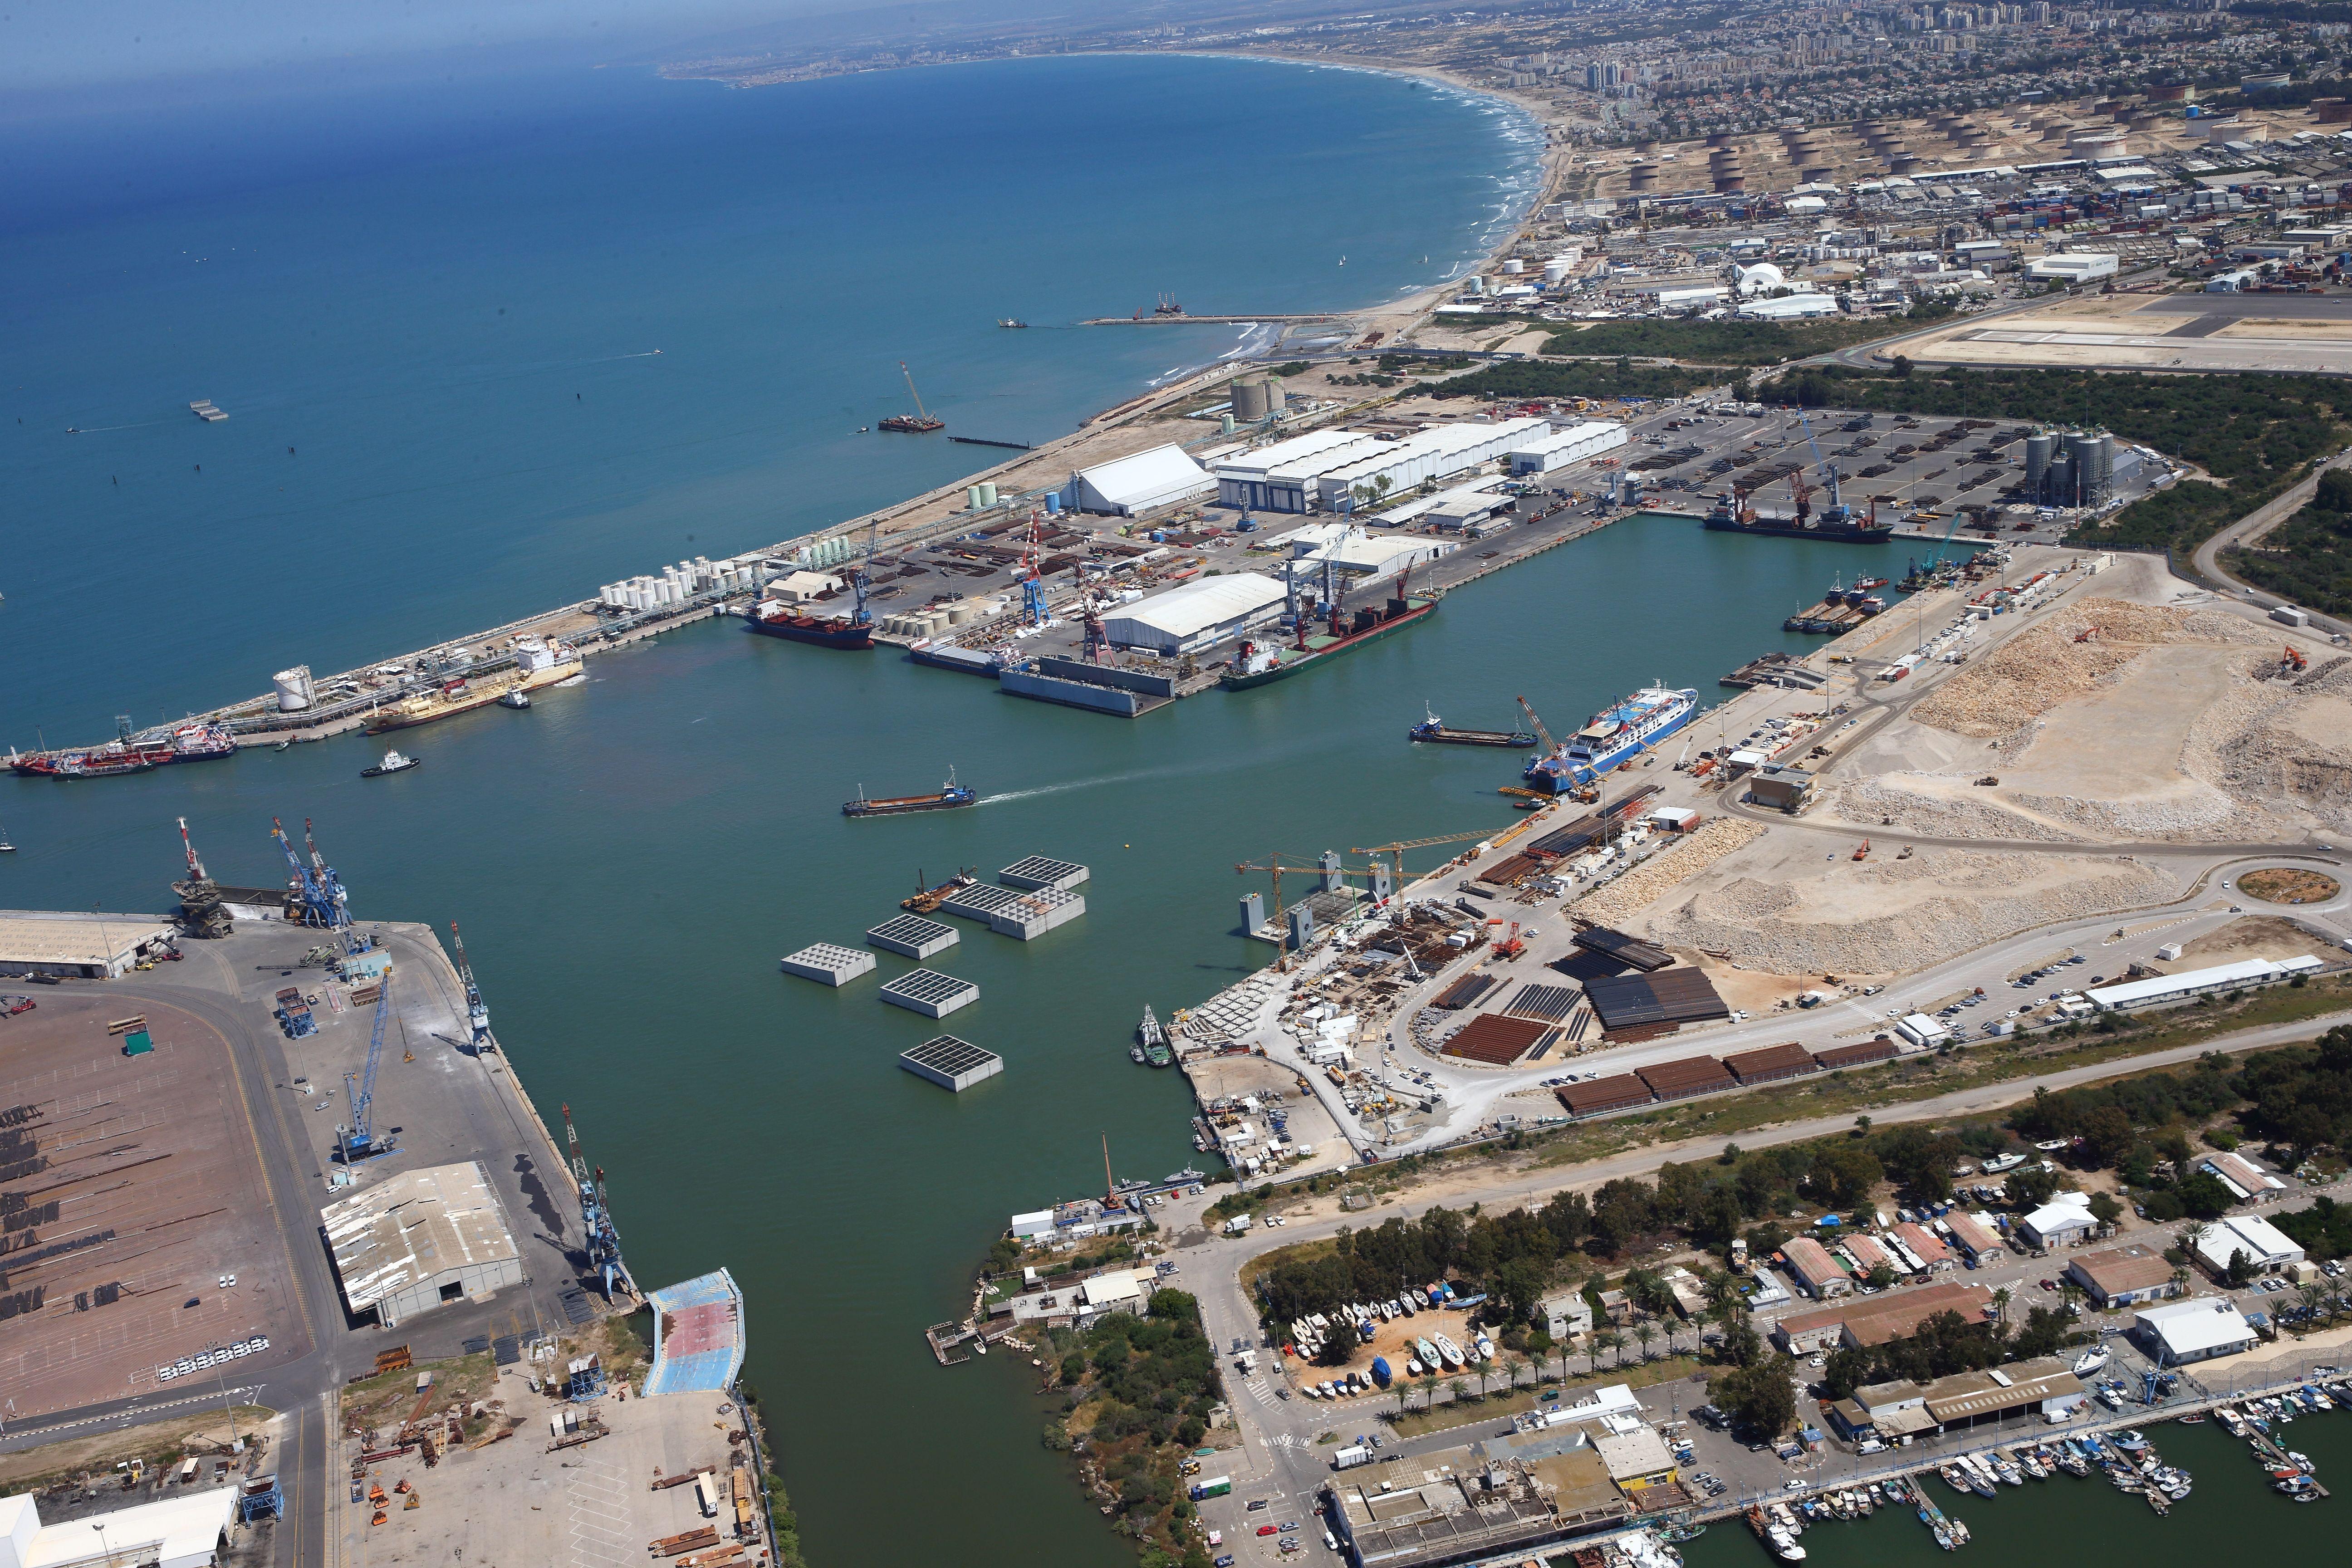 Haifa & HaMifratz ports overview